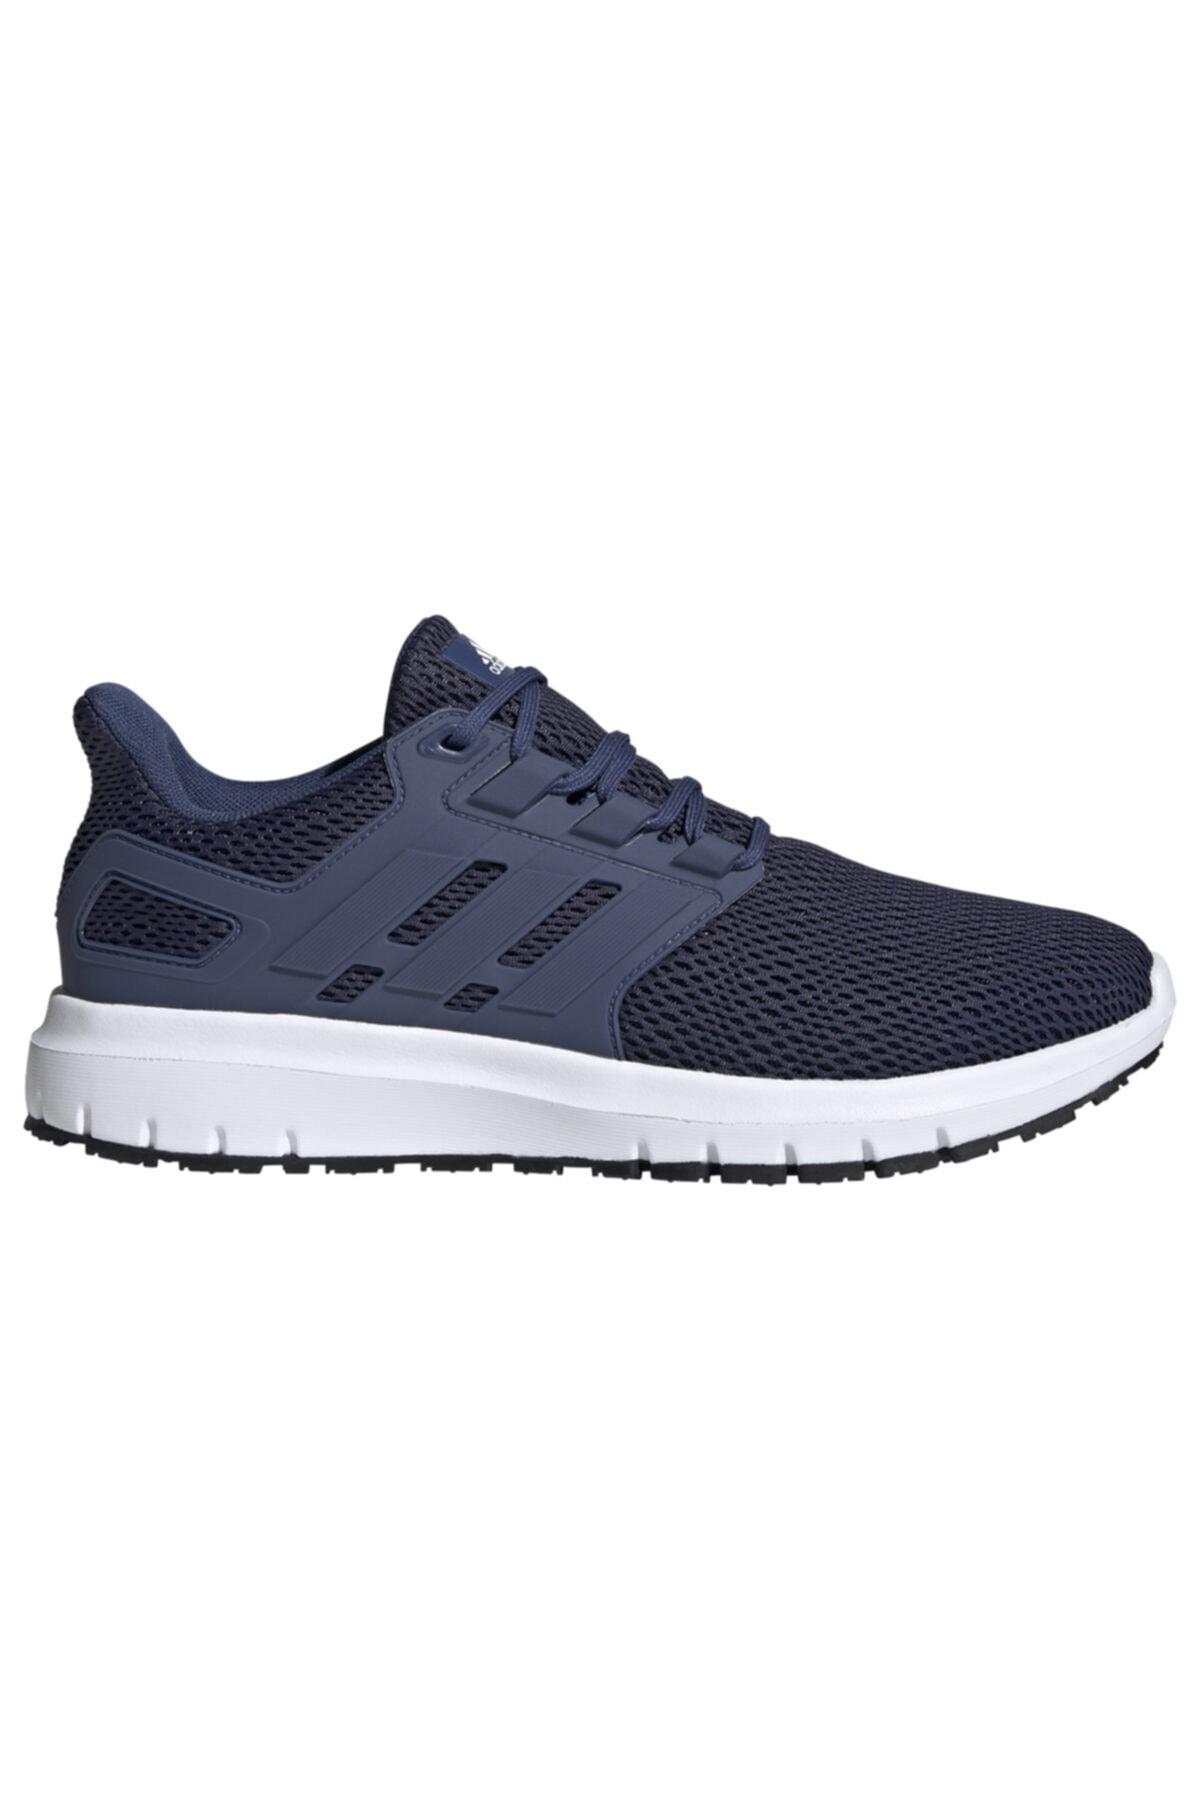 adidas ULTIMASHOW Lacivert Erkek Koşu Ayakkabısı 100663973 1